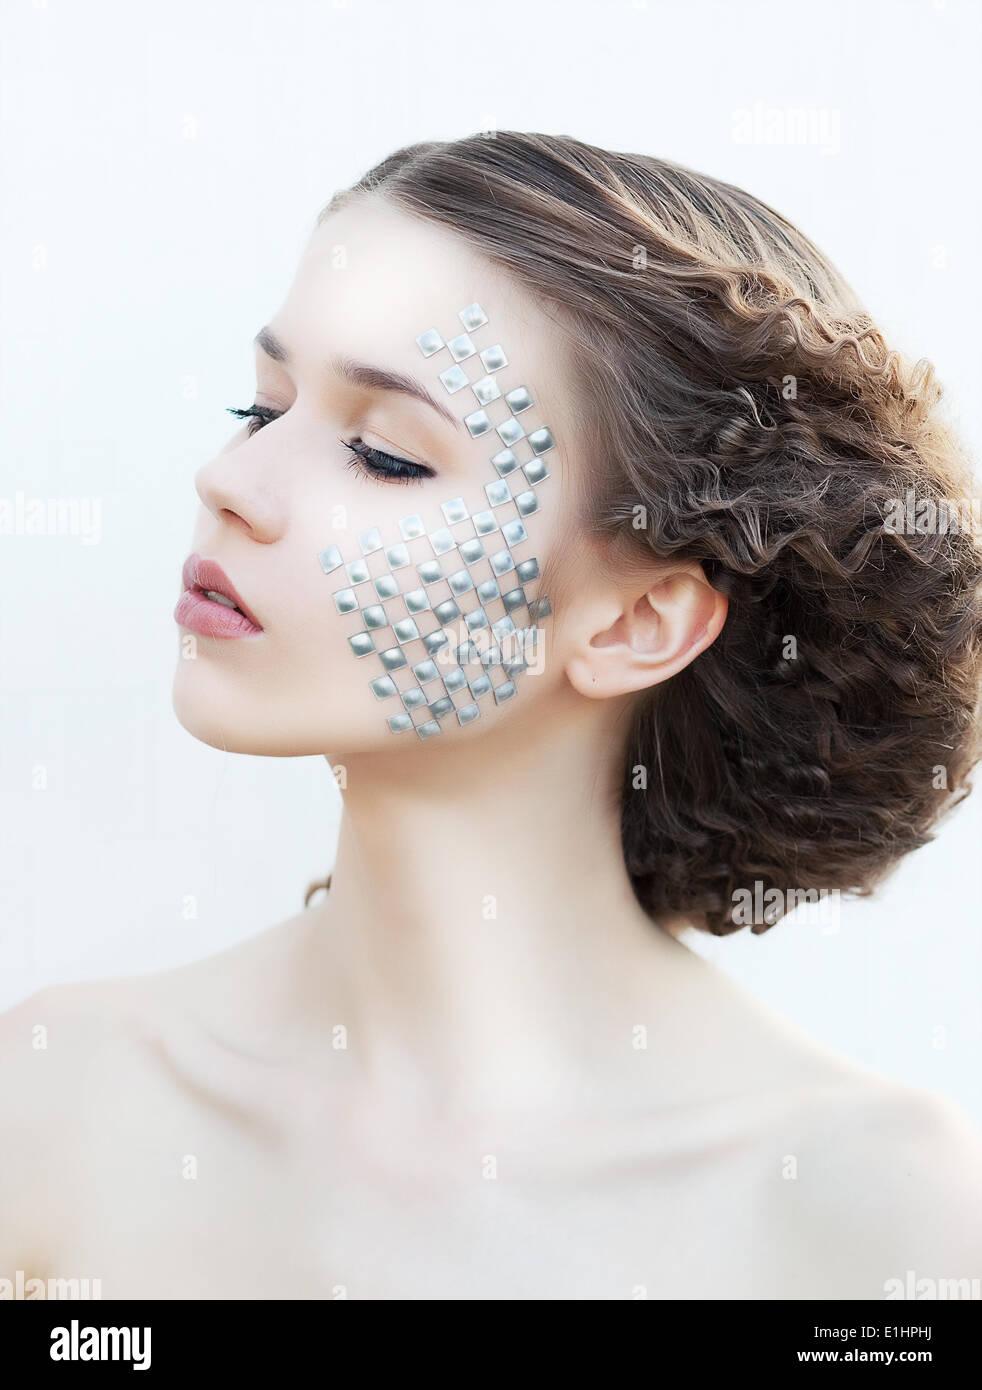 Schöne junge Mädchen Gesicht. Perfekte Haut-Konzept. Kunst-Make-up. Natürliche Schönheit Stockbild